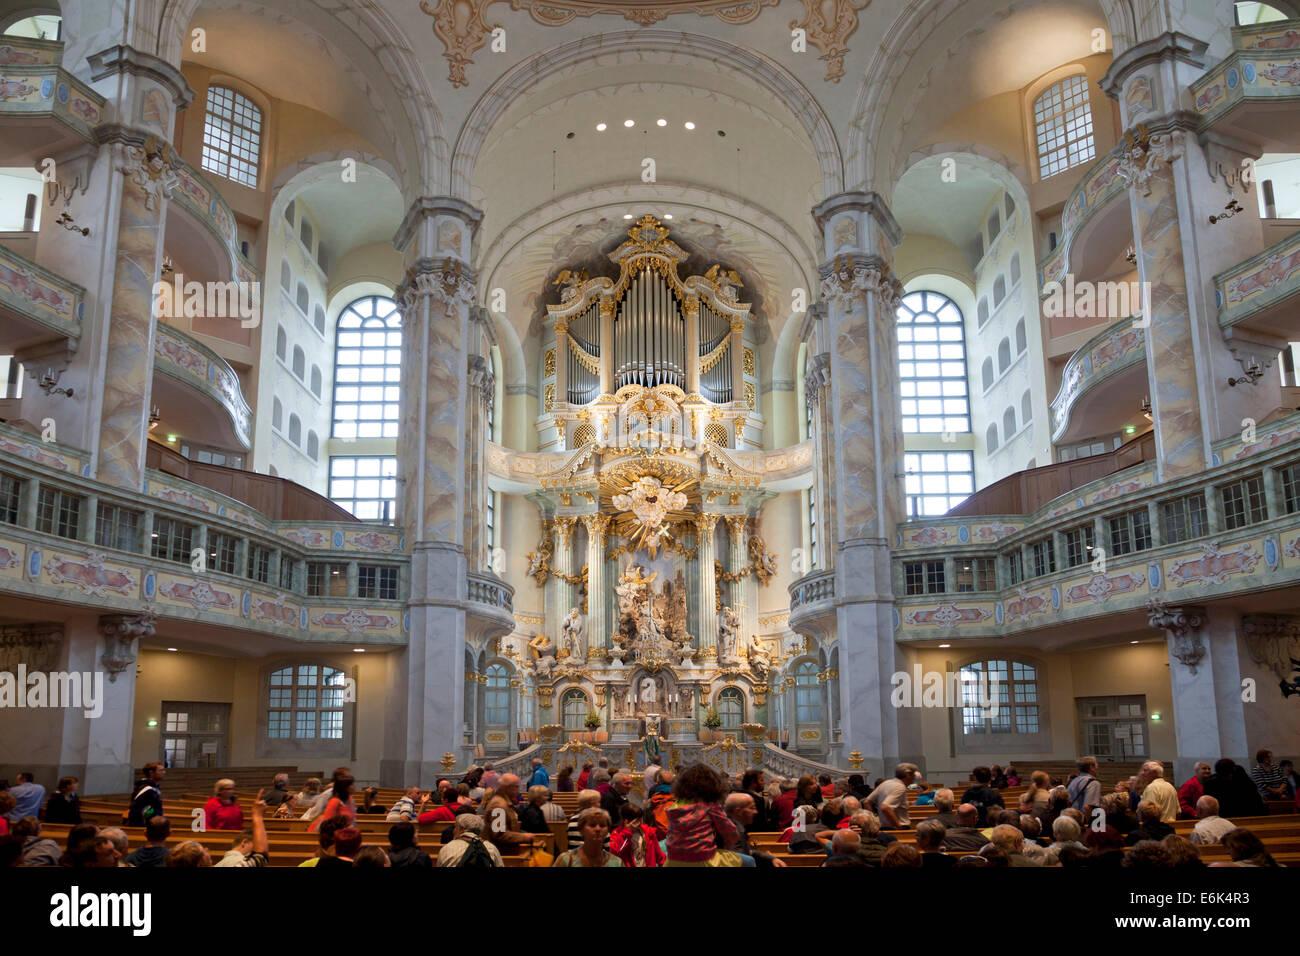 Interieur und Altar der Frauenkirche, Dresden, Sachsen, Deutschland Stockbild